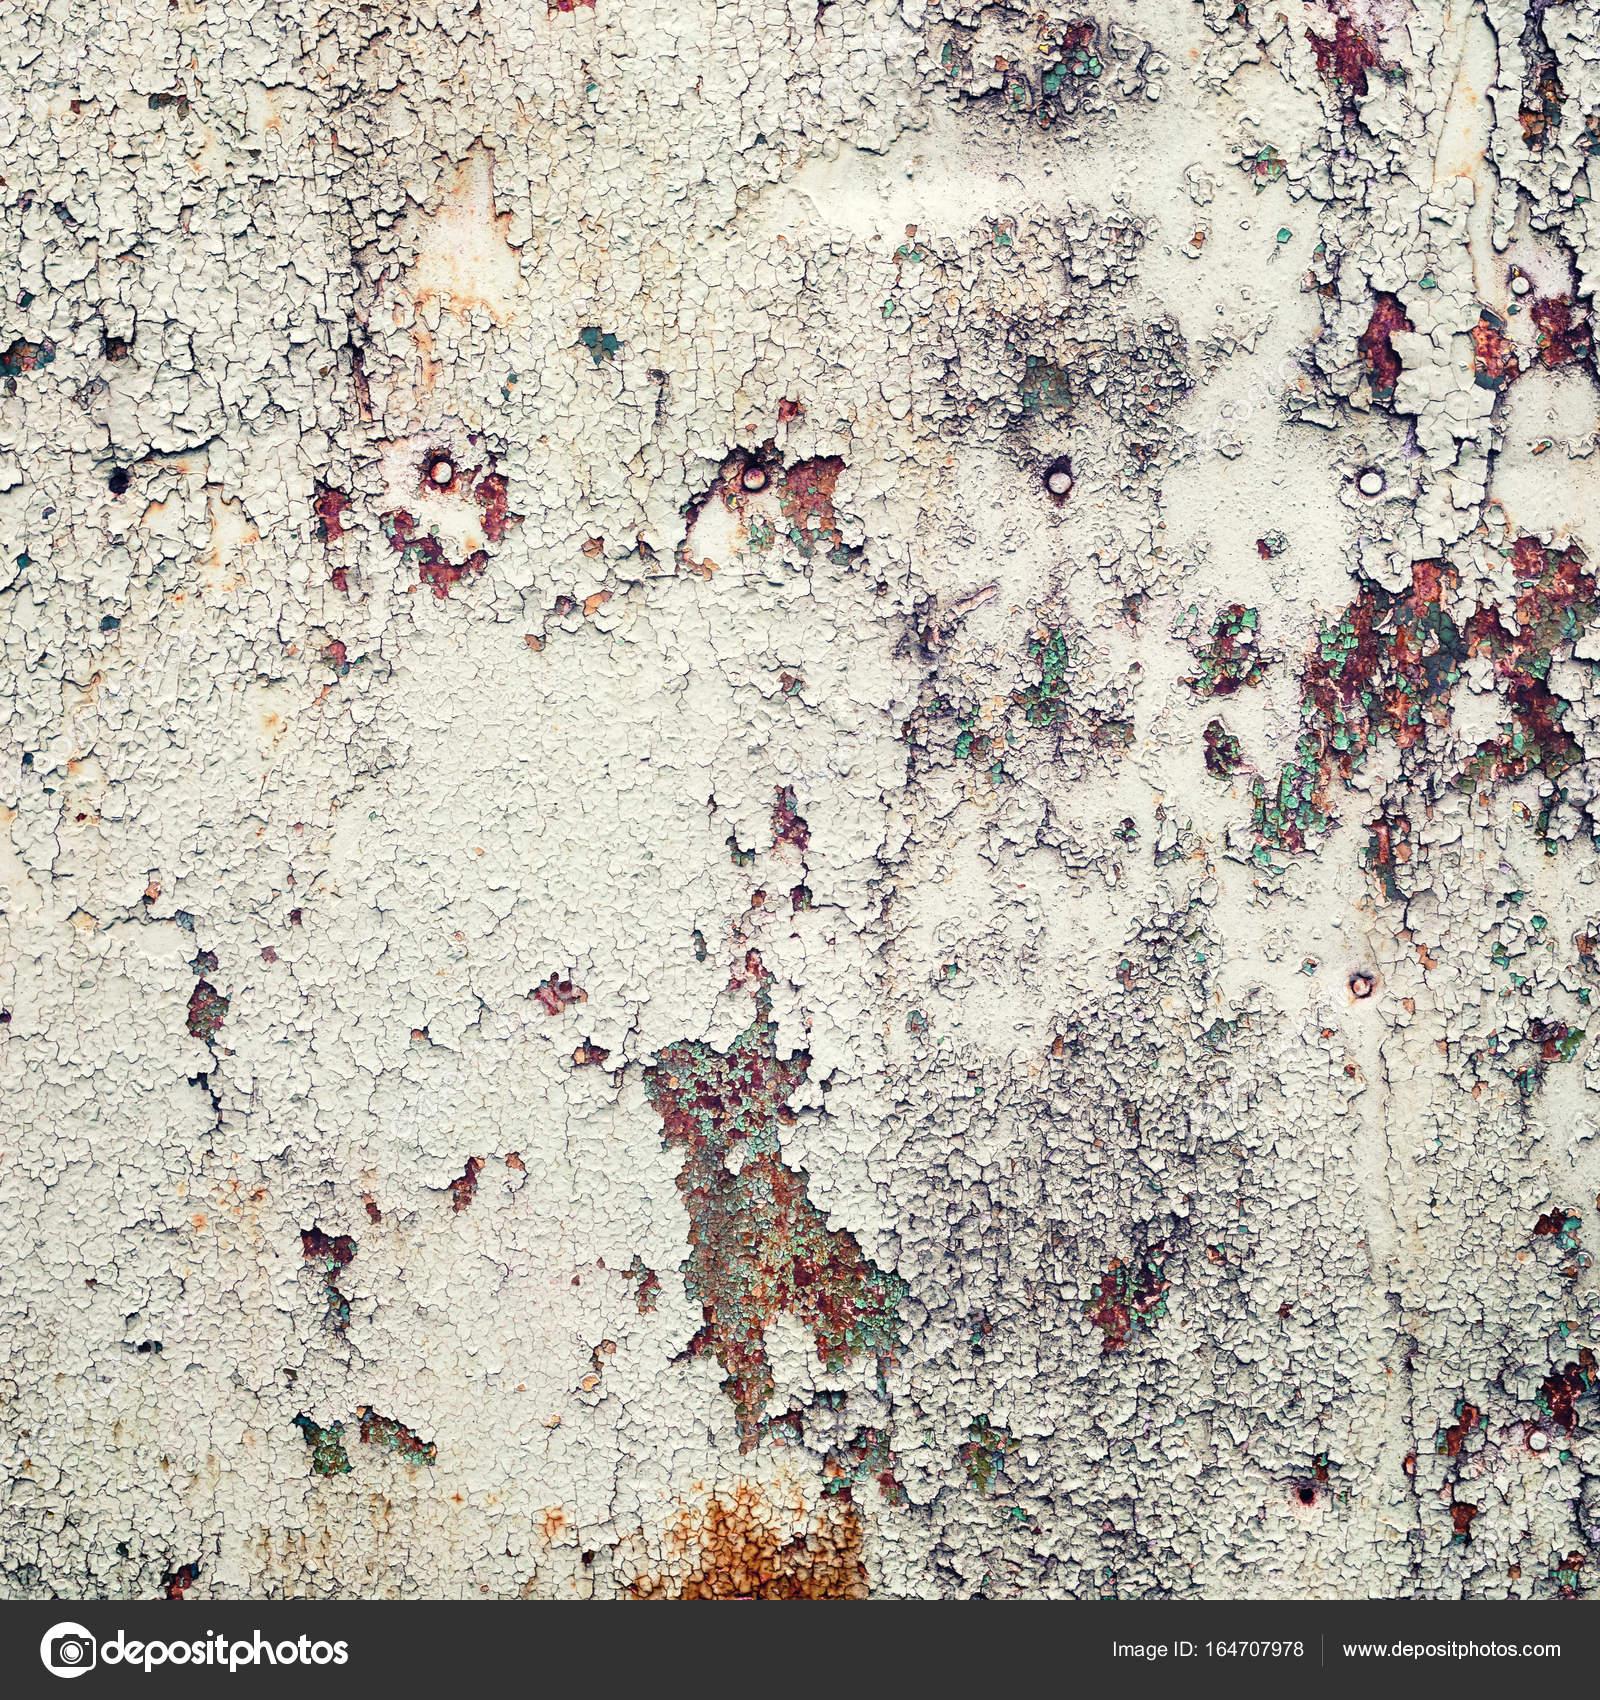 Grunge peeling paint texture Stock Photo Veresovich 164707978